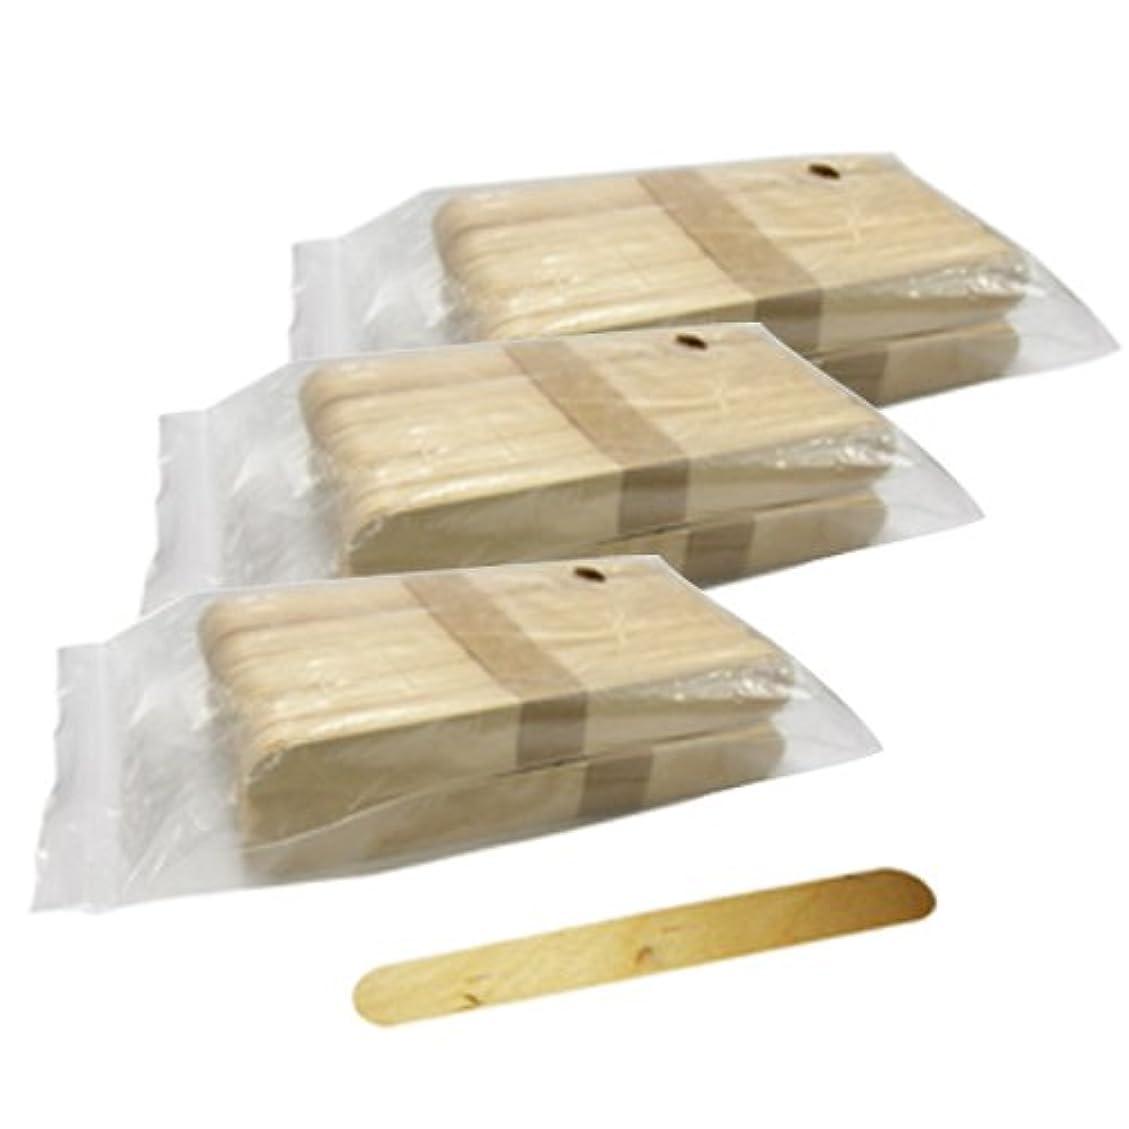 飛行場一貫性のない歩道使い捨て【木ベラ/ウッドスパチュラ】(業務用100枚入り) × 3袋セット(計300枚)/WAX脱毛等や舌厚子にも …